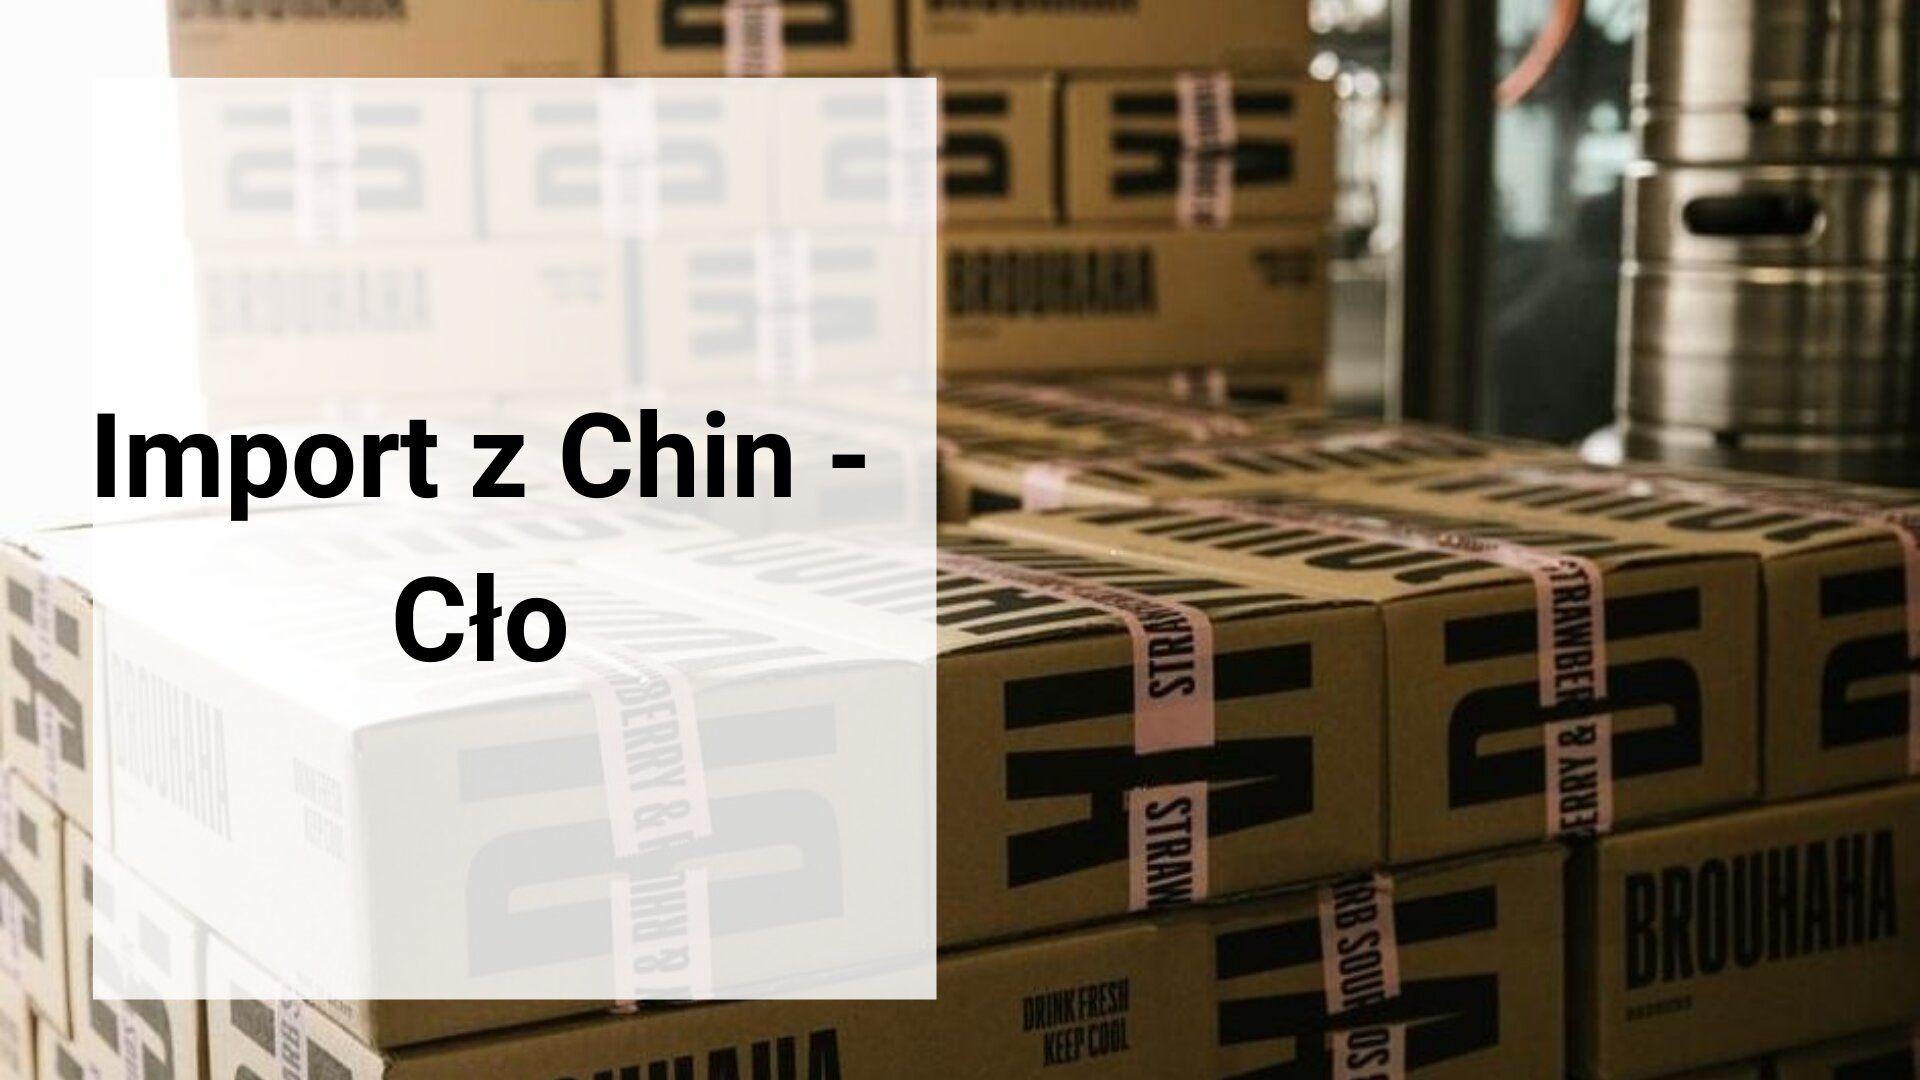 Import z Chin - cło